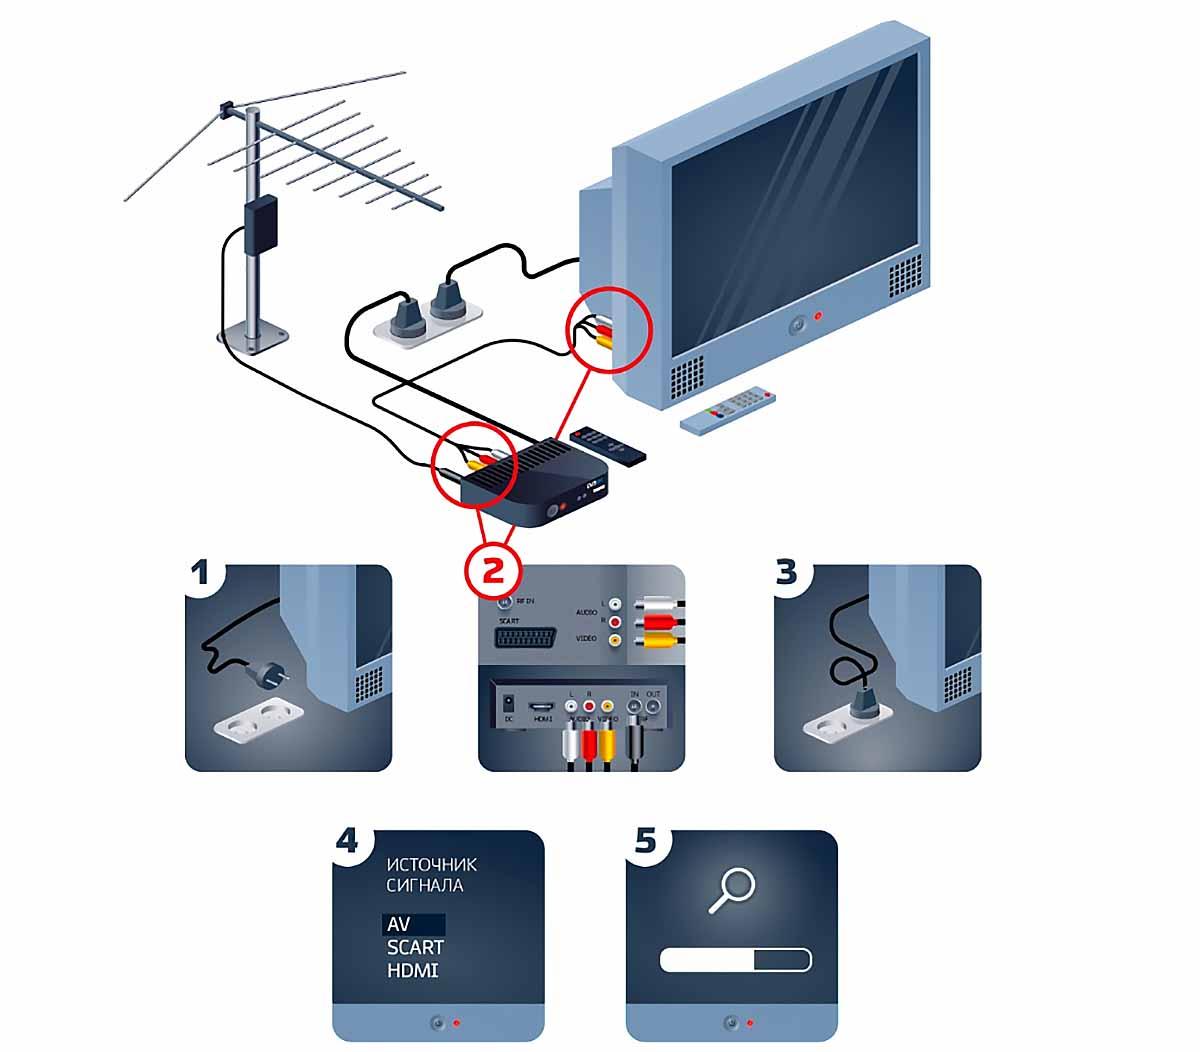 Как подключить приставку для цифрового ТВ